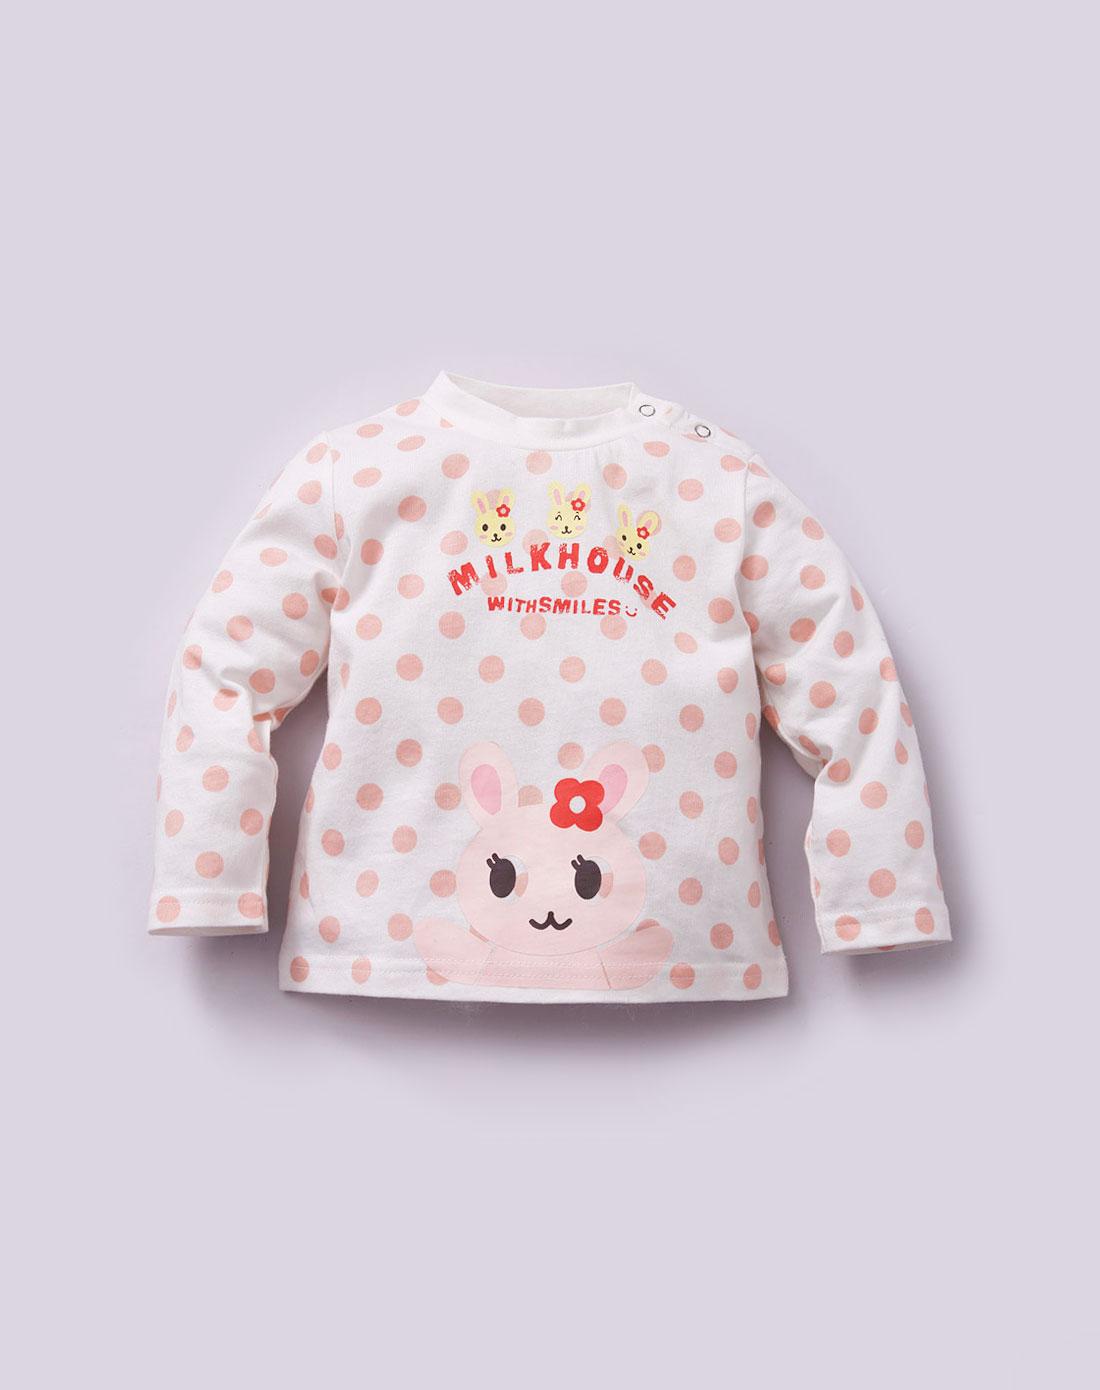 婴童本白色可爱宝贝动物兔兔印花t恤